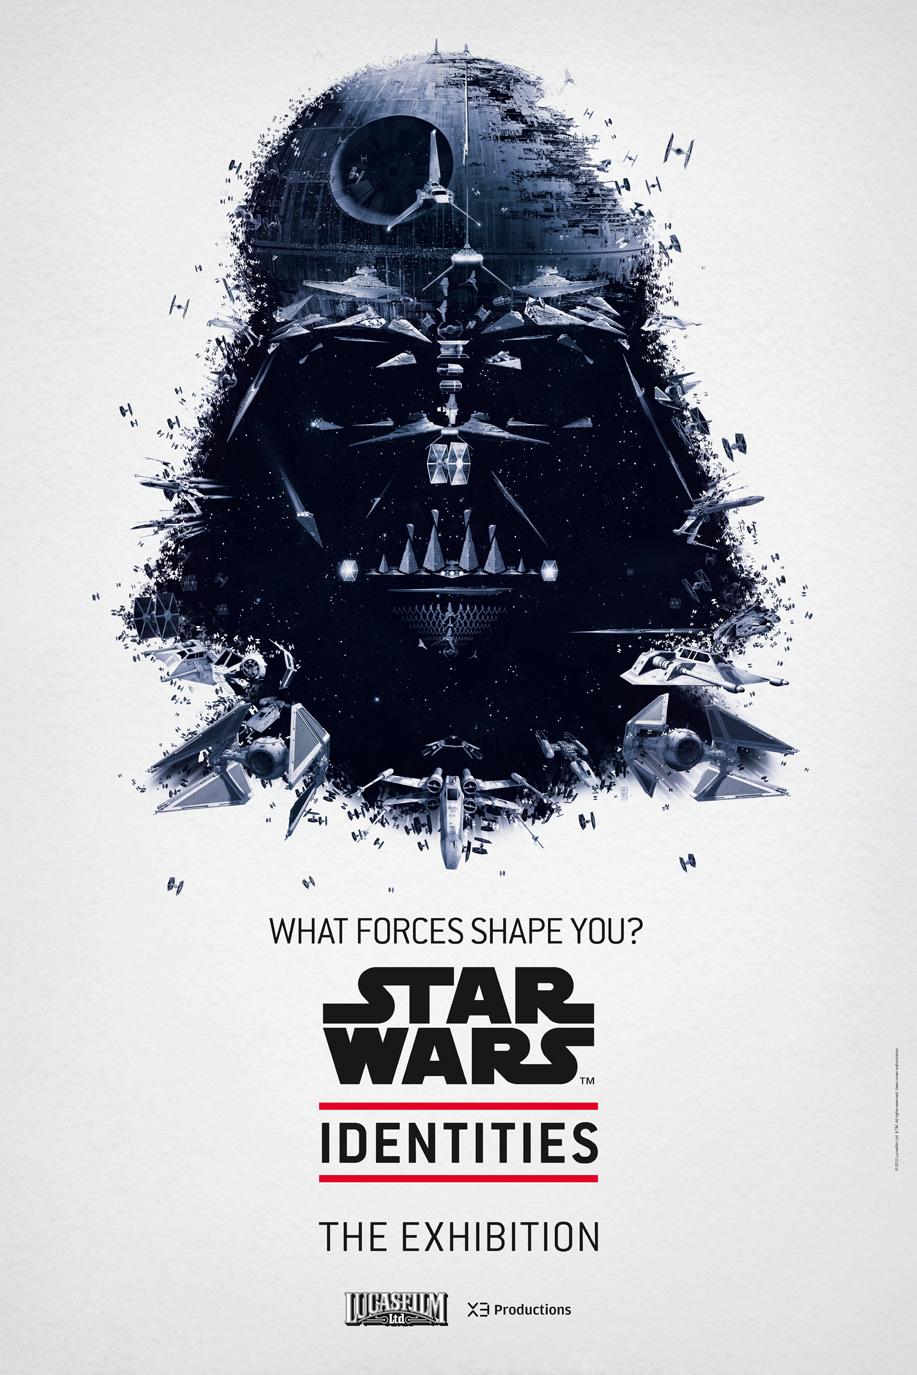 Звёздные войны, новый эпизод